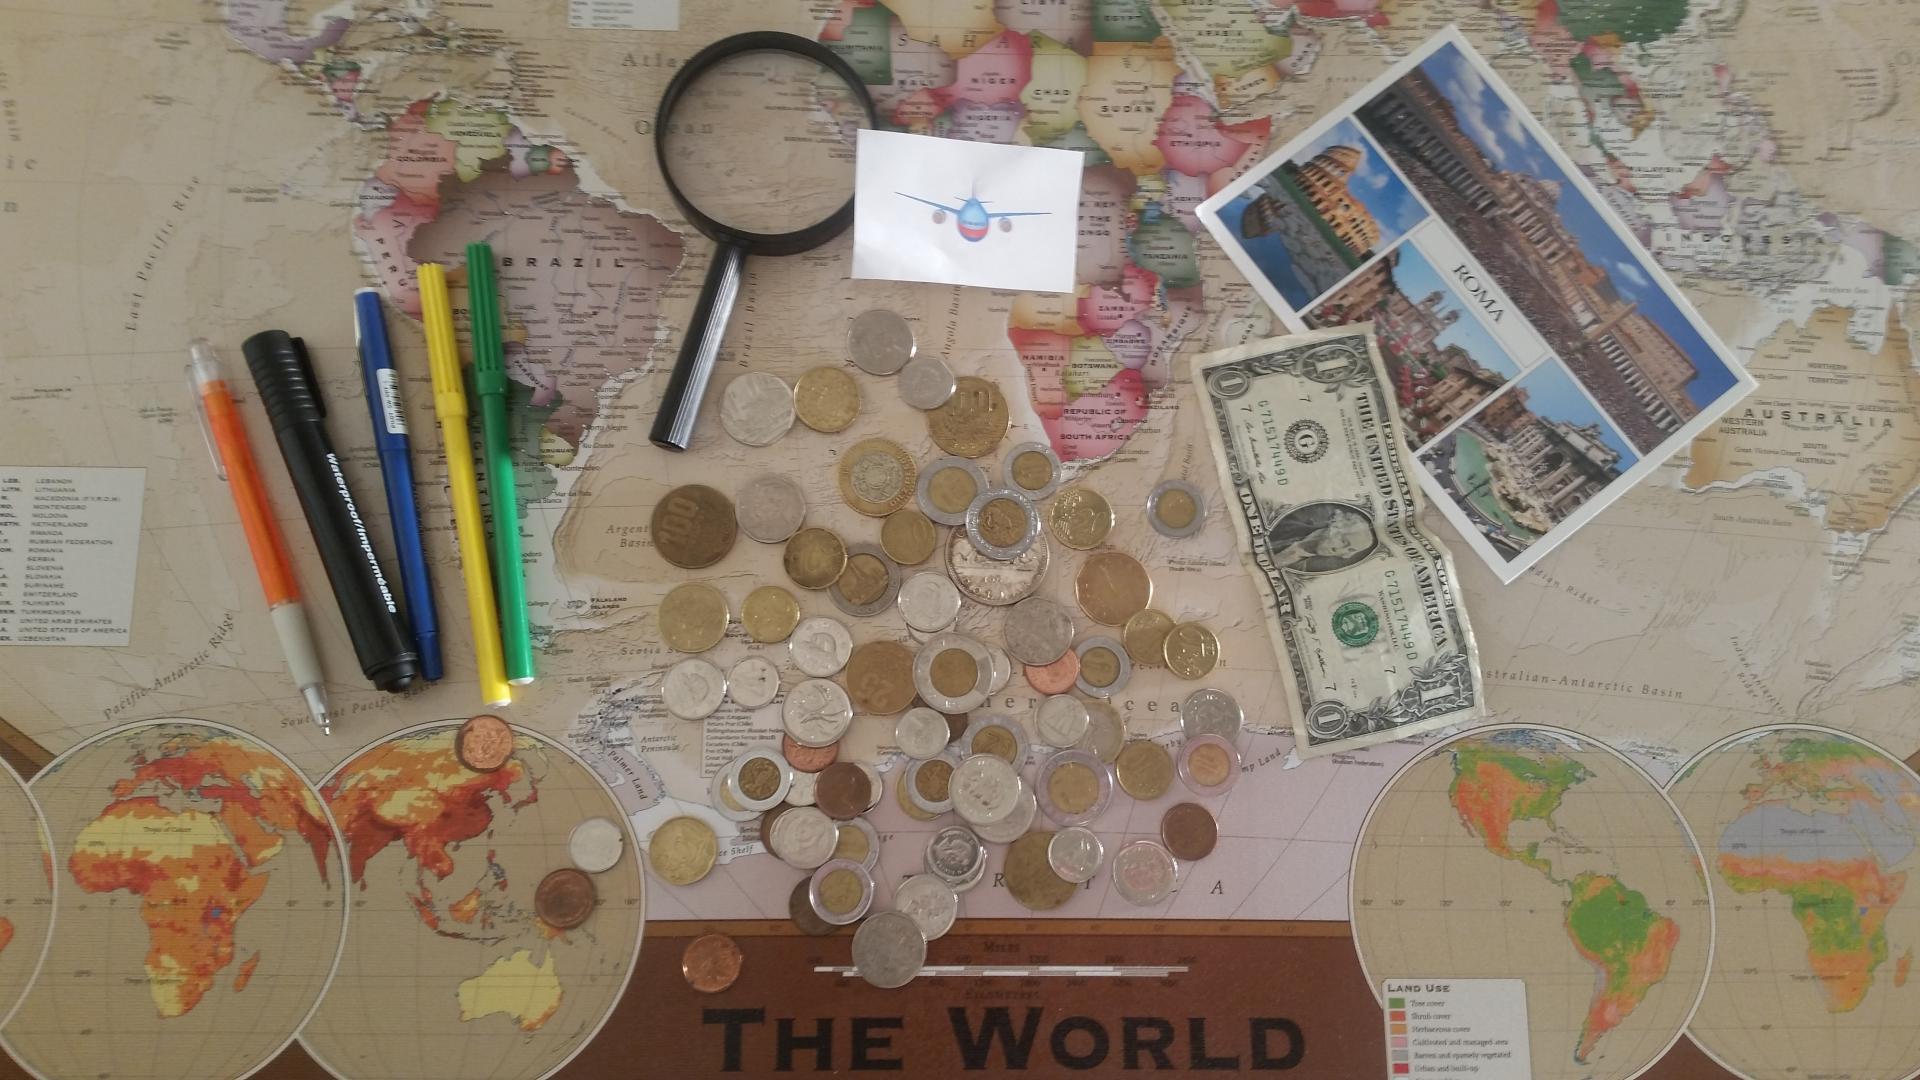 Comment organiser un voyage réussi en 15 points